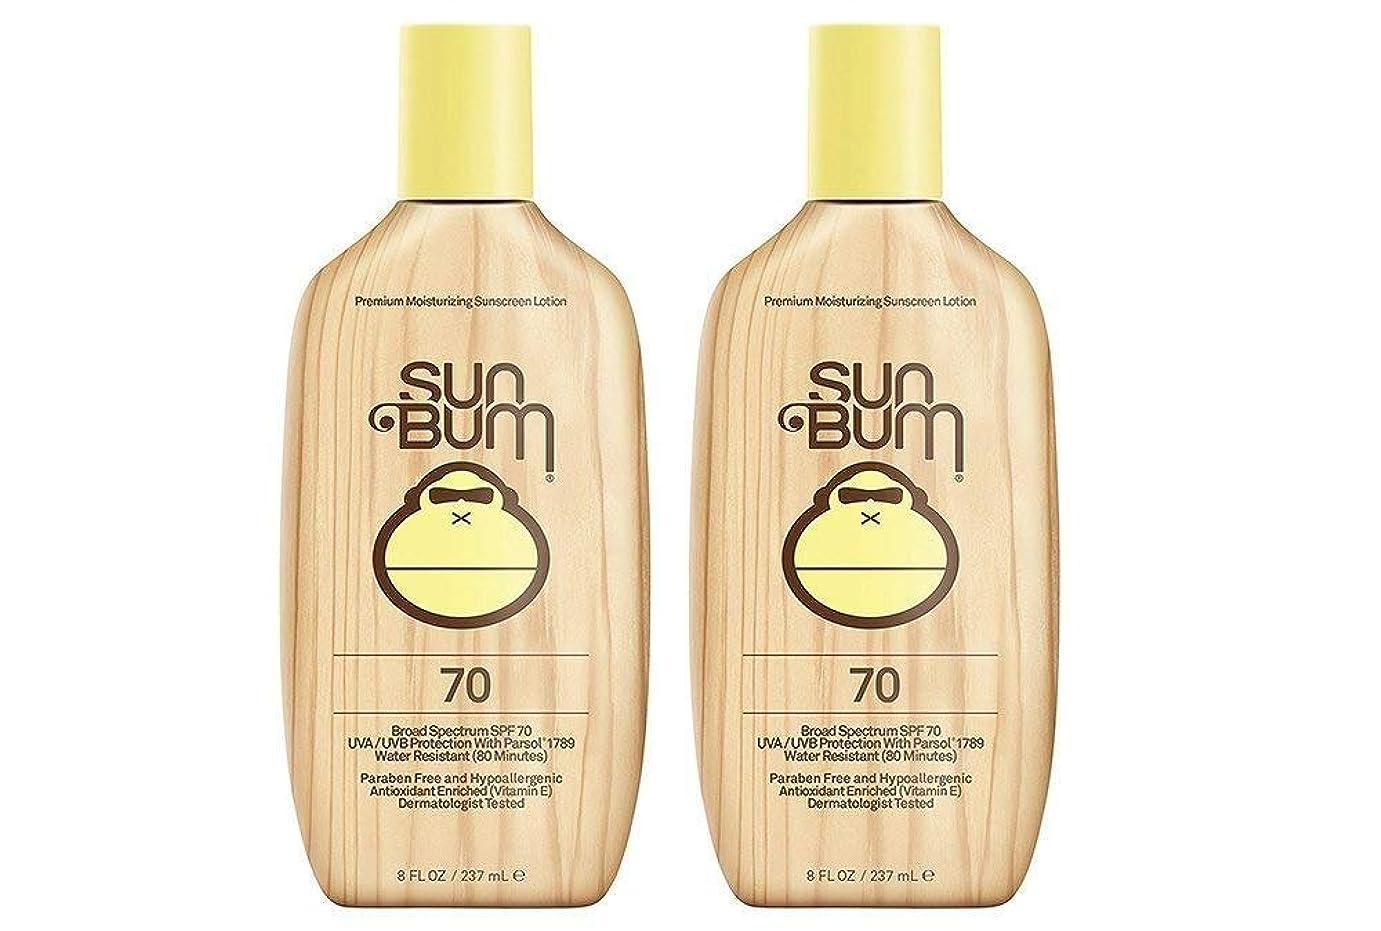 クリケット緑リラックスSun Bum SPF 70 Lotion Sunscreen - by Sun Bum